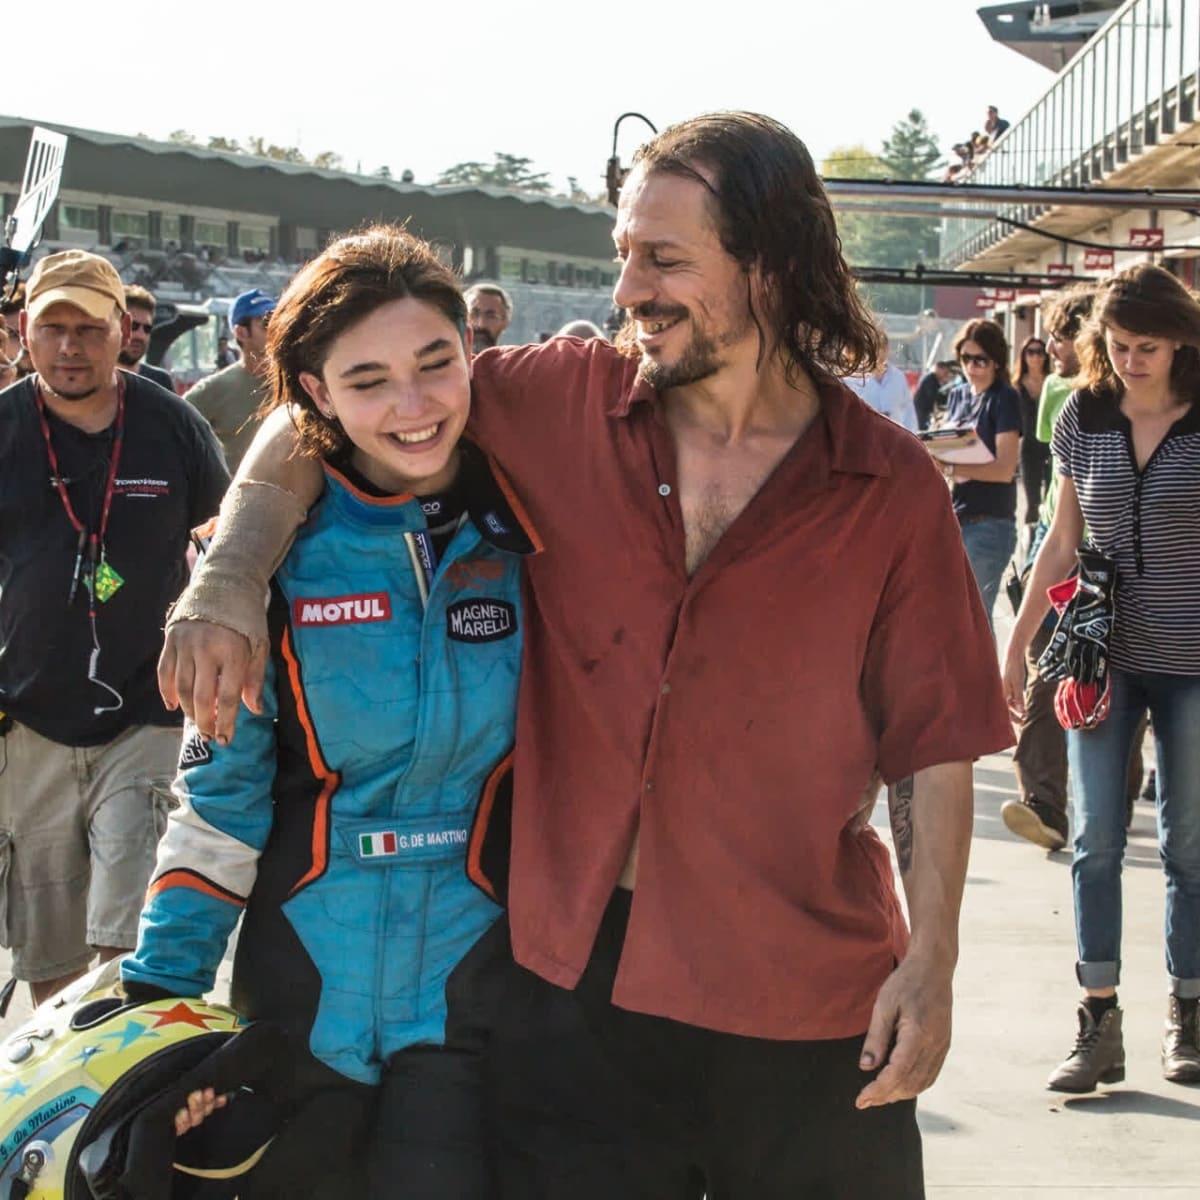 Italian Race at Umbria in Sugar Land film festival